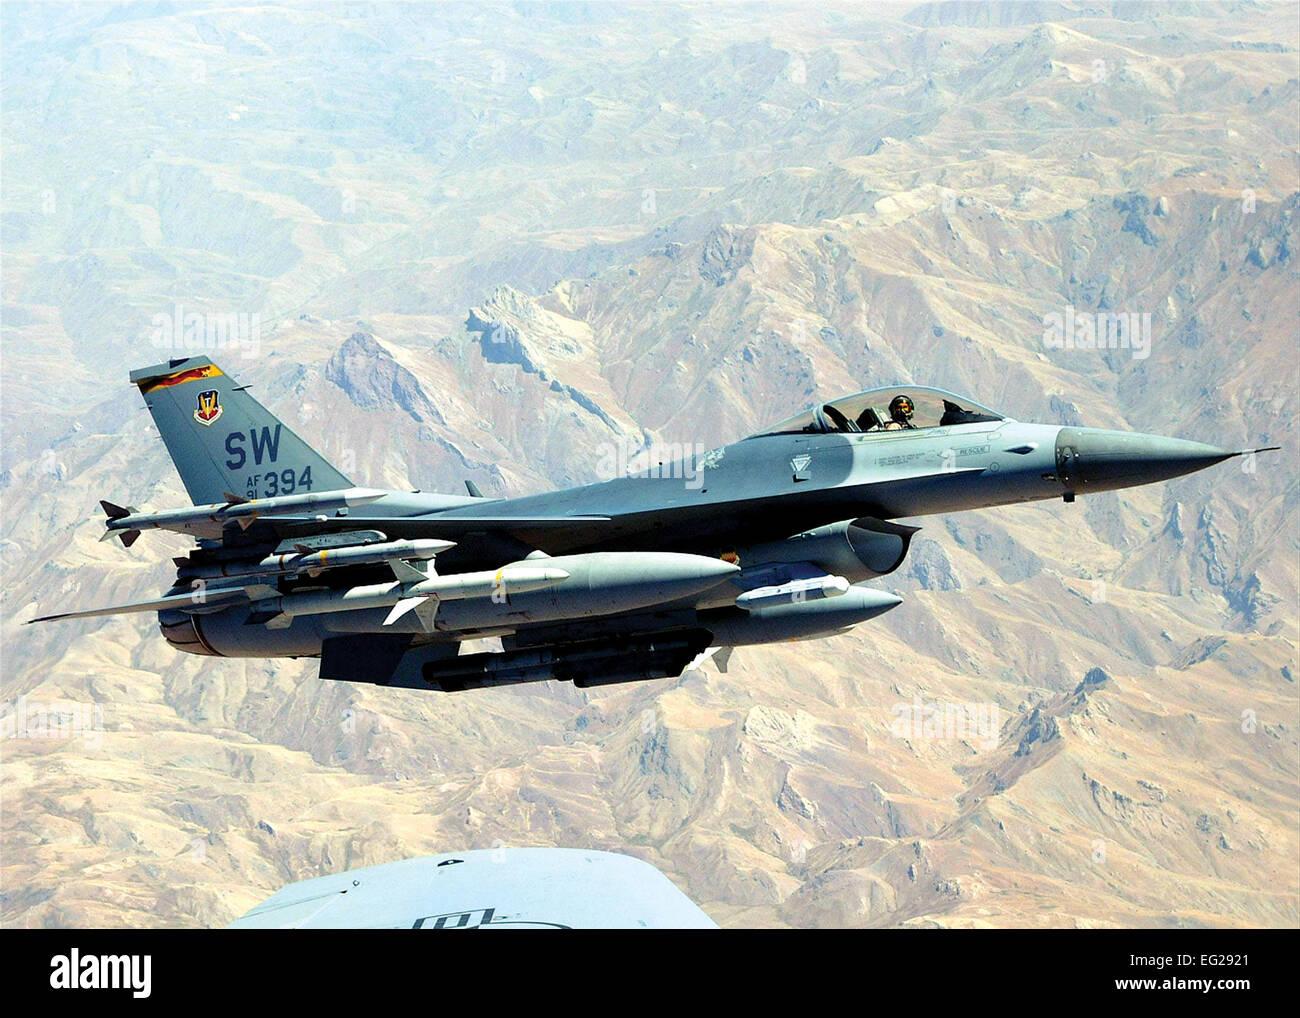 F-16A/B/C/D Fighting Falcon fonction principale: chasseur multi-rôle. Vitesse: 1 500 mi/h. Dimensions: envergure 32 ft. 8 in.; longueur 49 ft. 5 in.; hauteur de 16 pi. Plage: 2 000 miles sans avitaillement. Armement: M-61A1 canon de 20 mm avec 500 obus; stations externes transporter jusqu'à 6 missiles air-air, air classiques-air et air-sol de munitions et de gousses de contre-mesures électroniques. M129, MK-82/84, GBU-10/12/24/27/31/38, CBU-87/89/97/103/107/104/105 touches, GM- 65/88/154/158, d'armes nucléaires. Équipage: F-16C, 1; F-16D, un ou deux. Banque D'Images